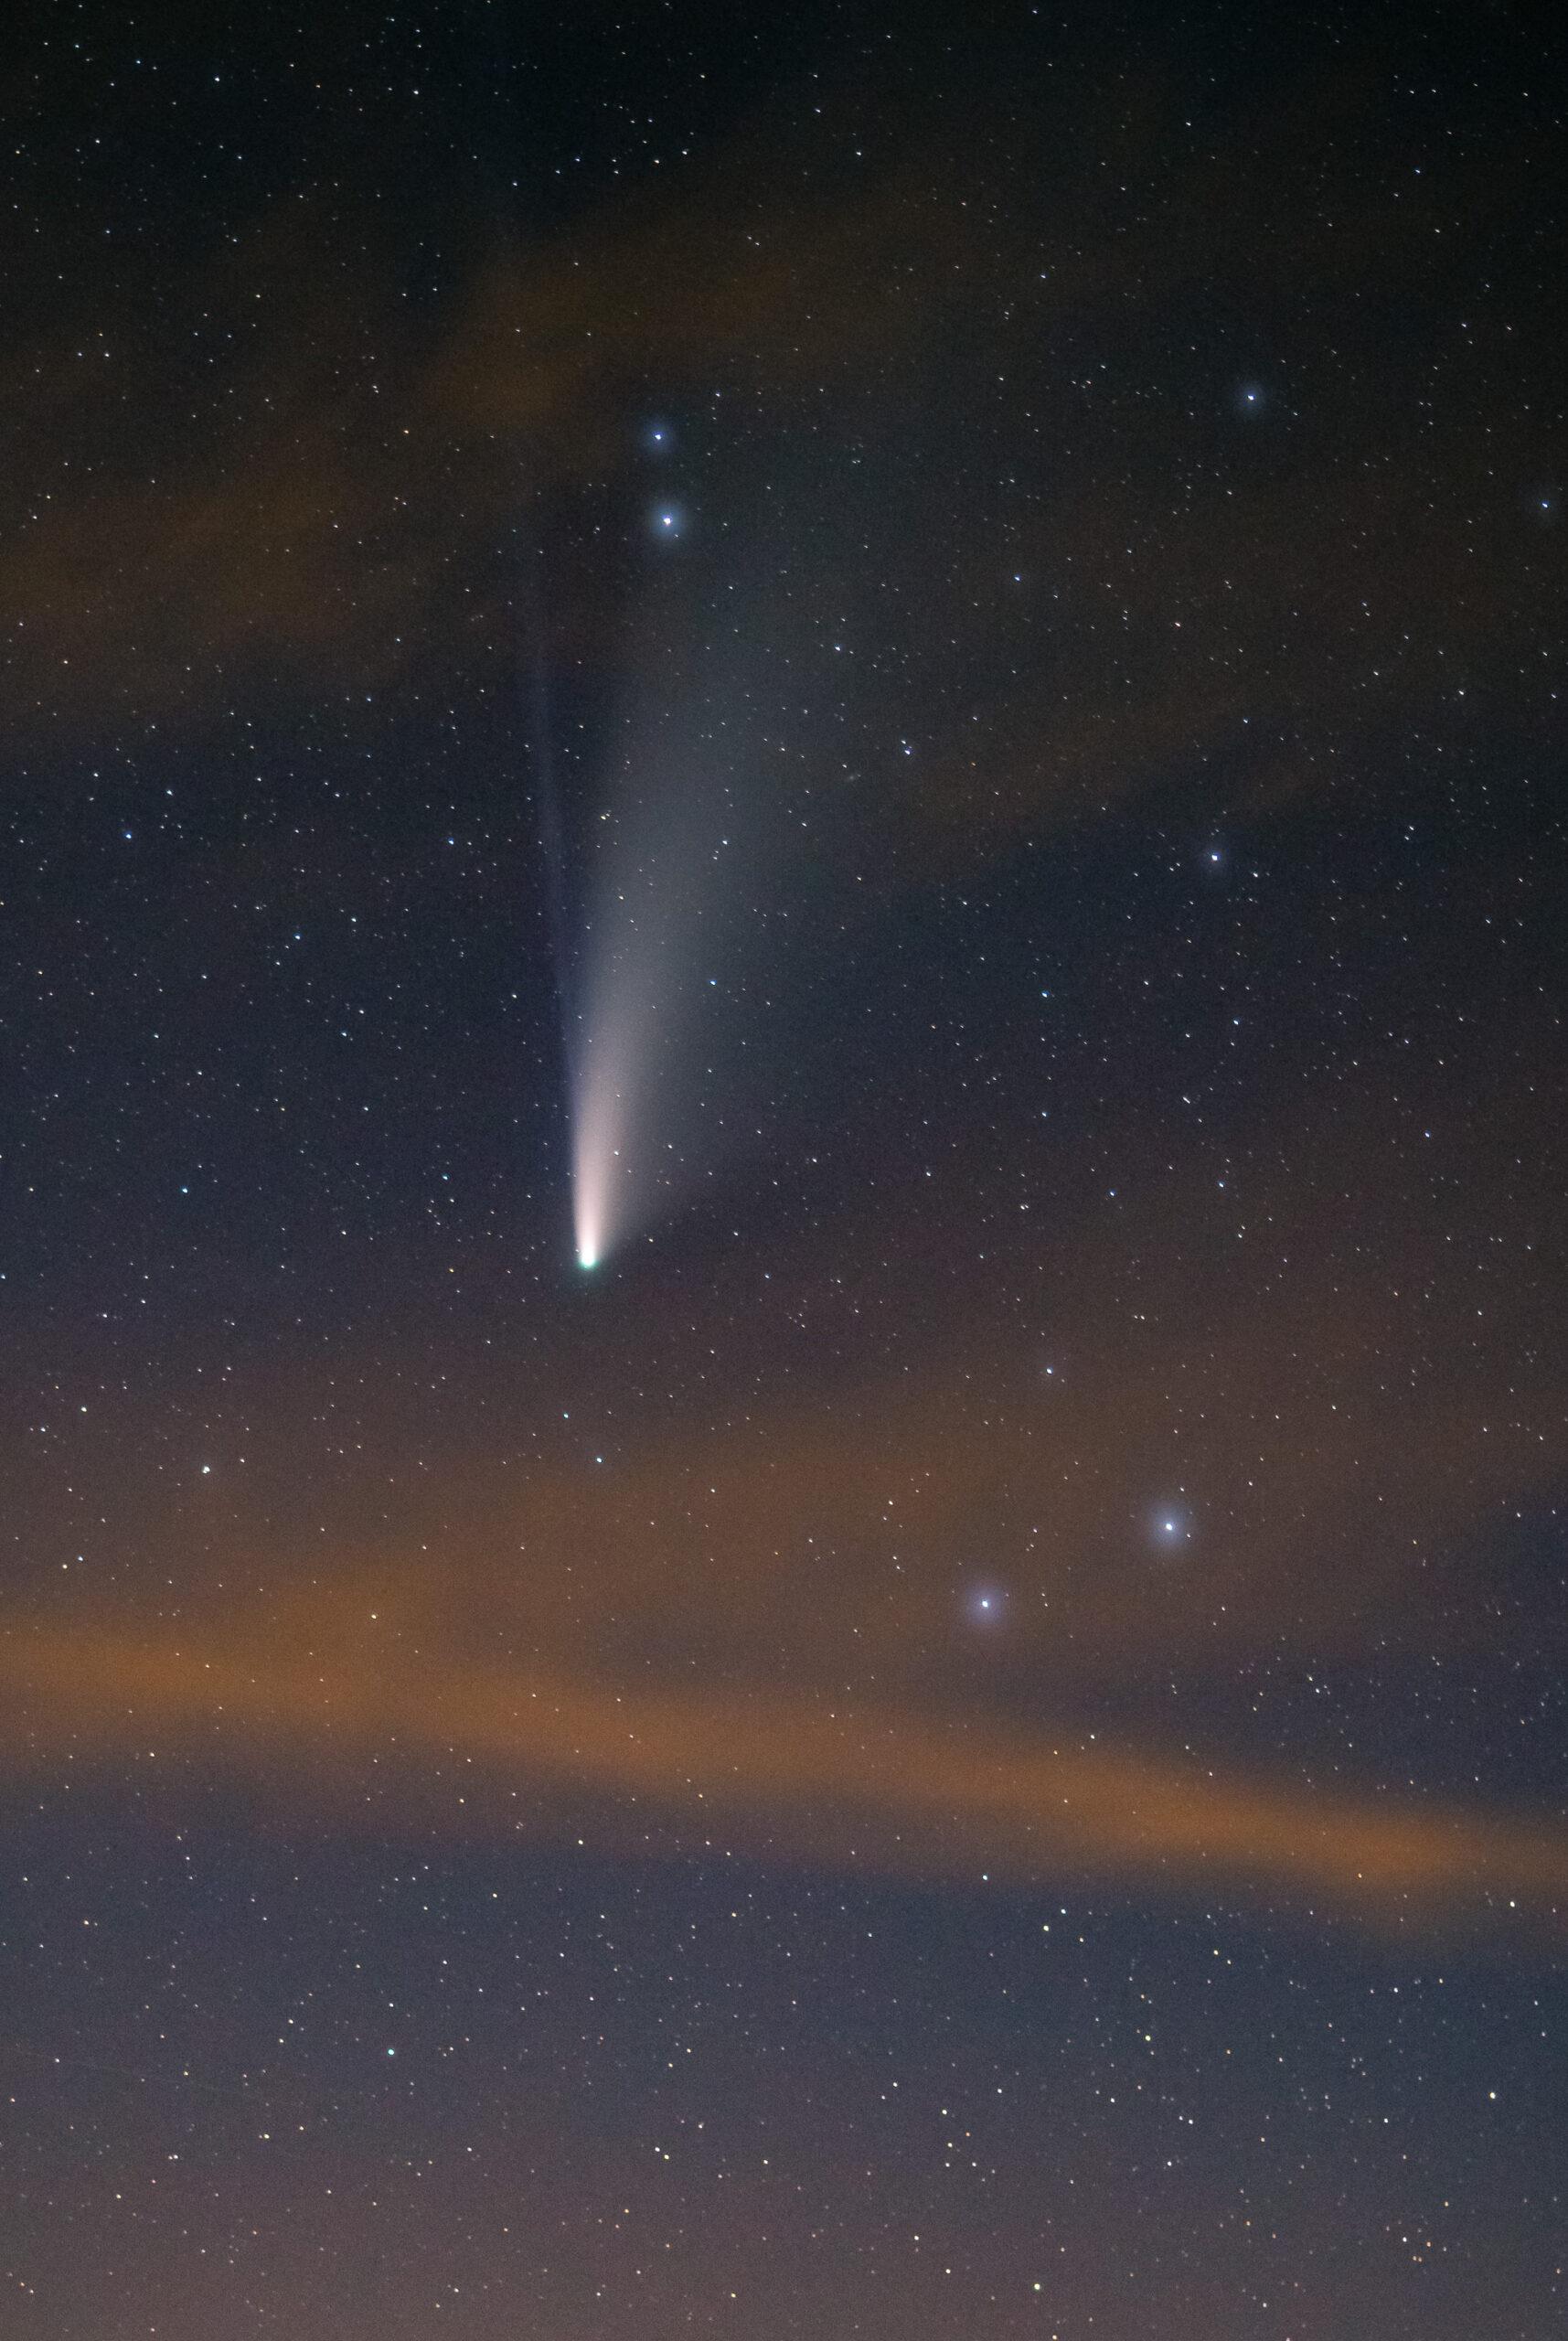 kometa c 2020 neowise, szwajcaria